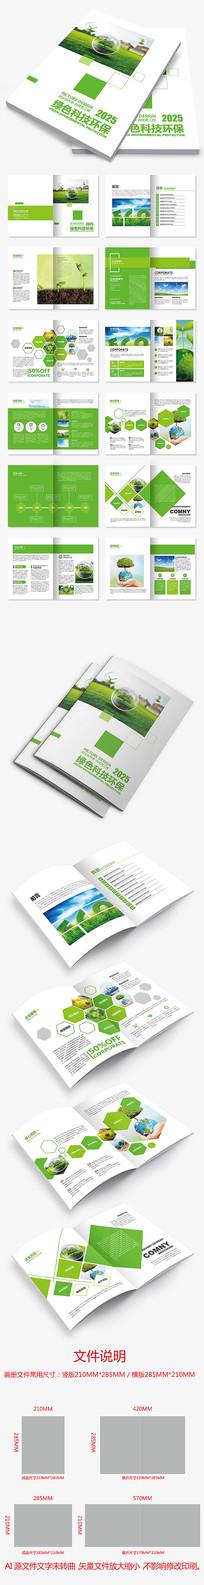 绿色渐变绿色环保科技宣传册企业画册设计